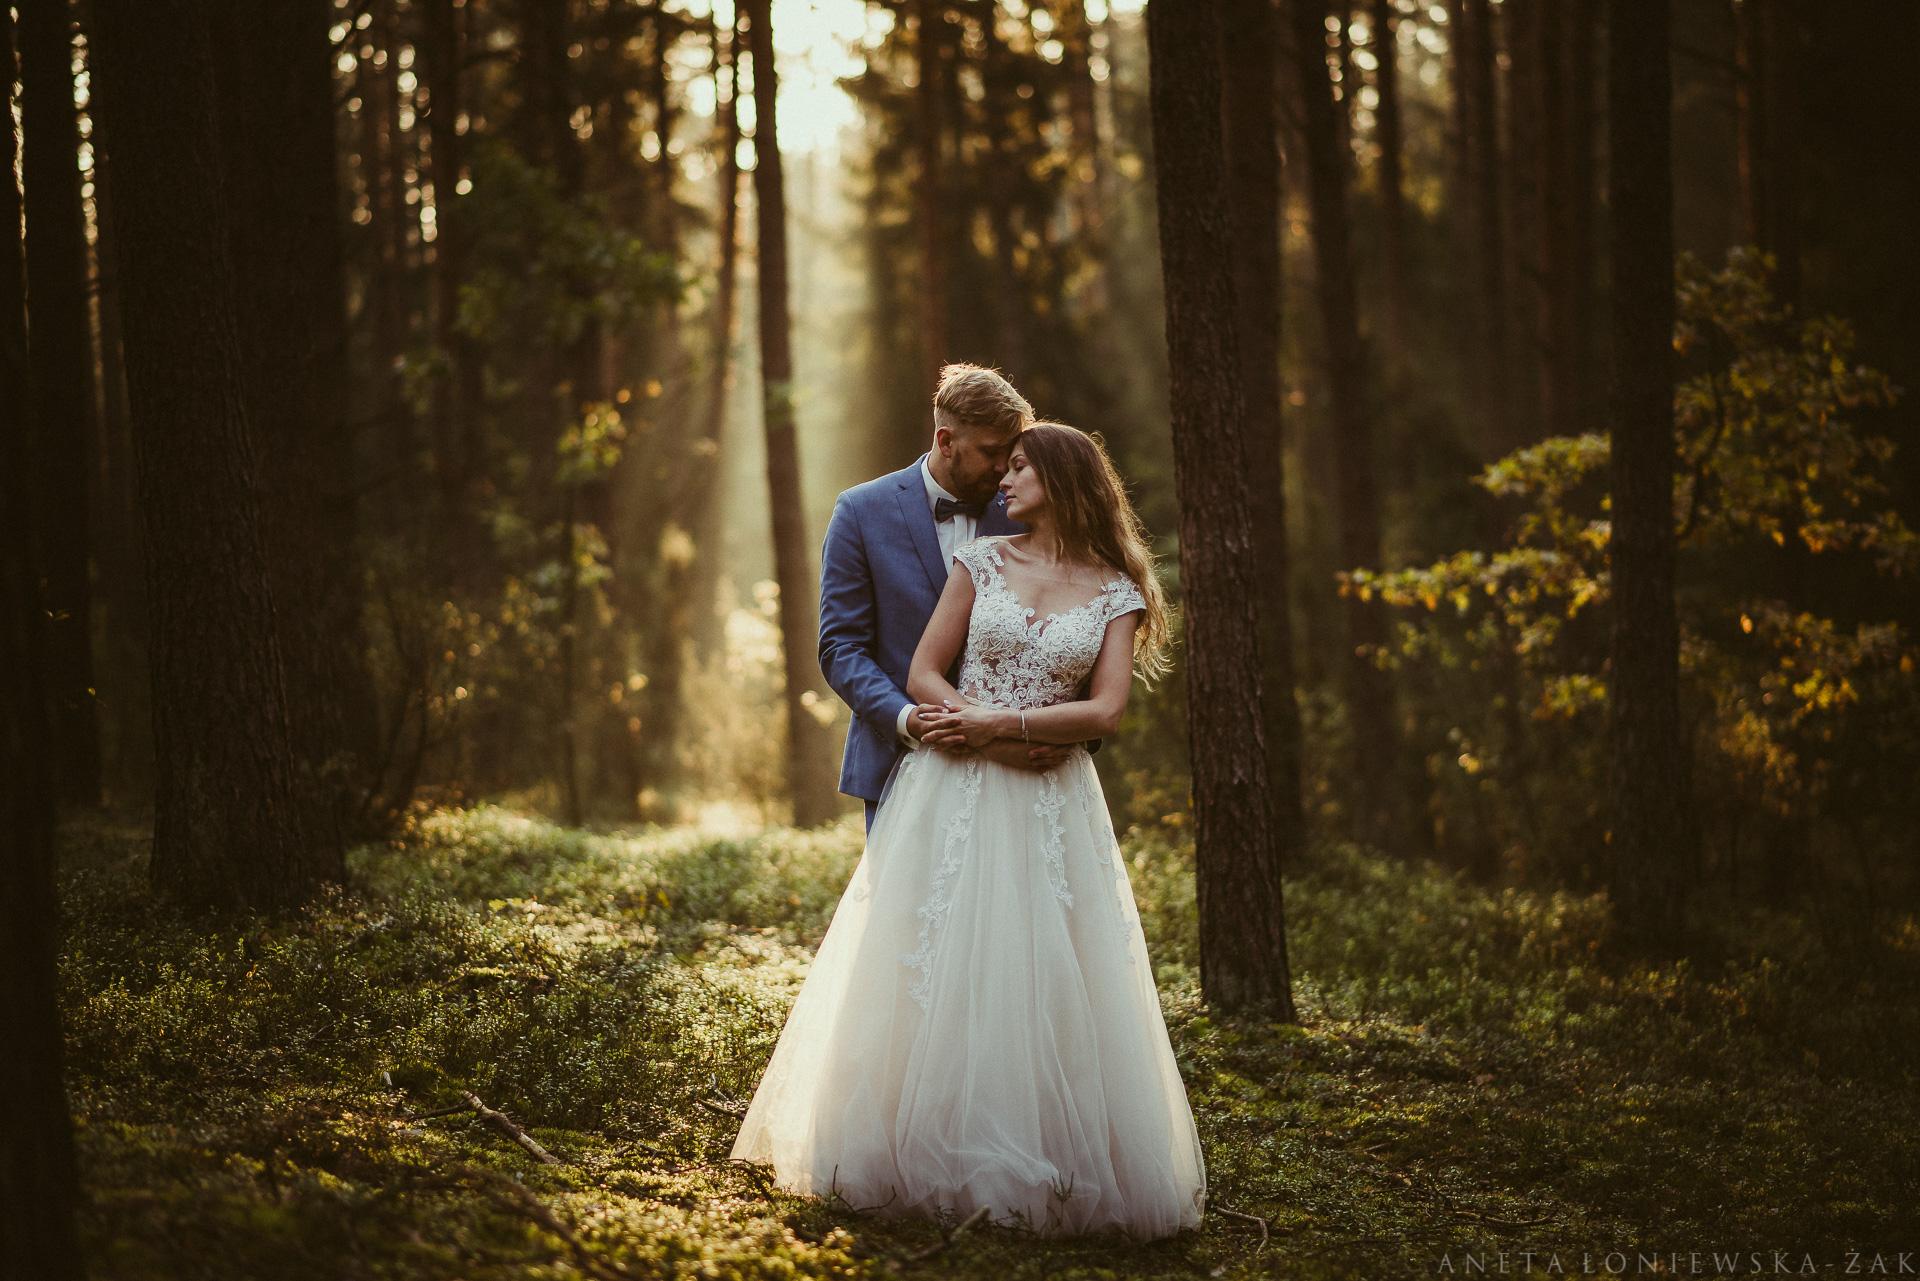 fotograf ślubny podlaskie, fotograf ślubny białystok, sesja plenerowa podlasie, sesja ślubna białystok